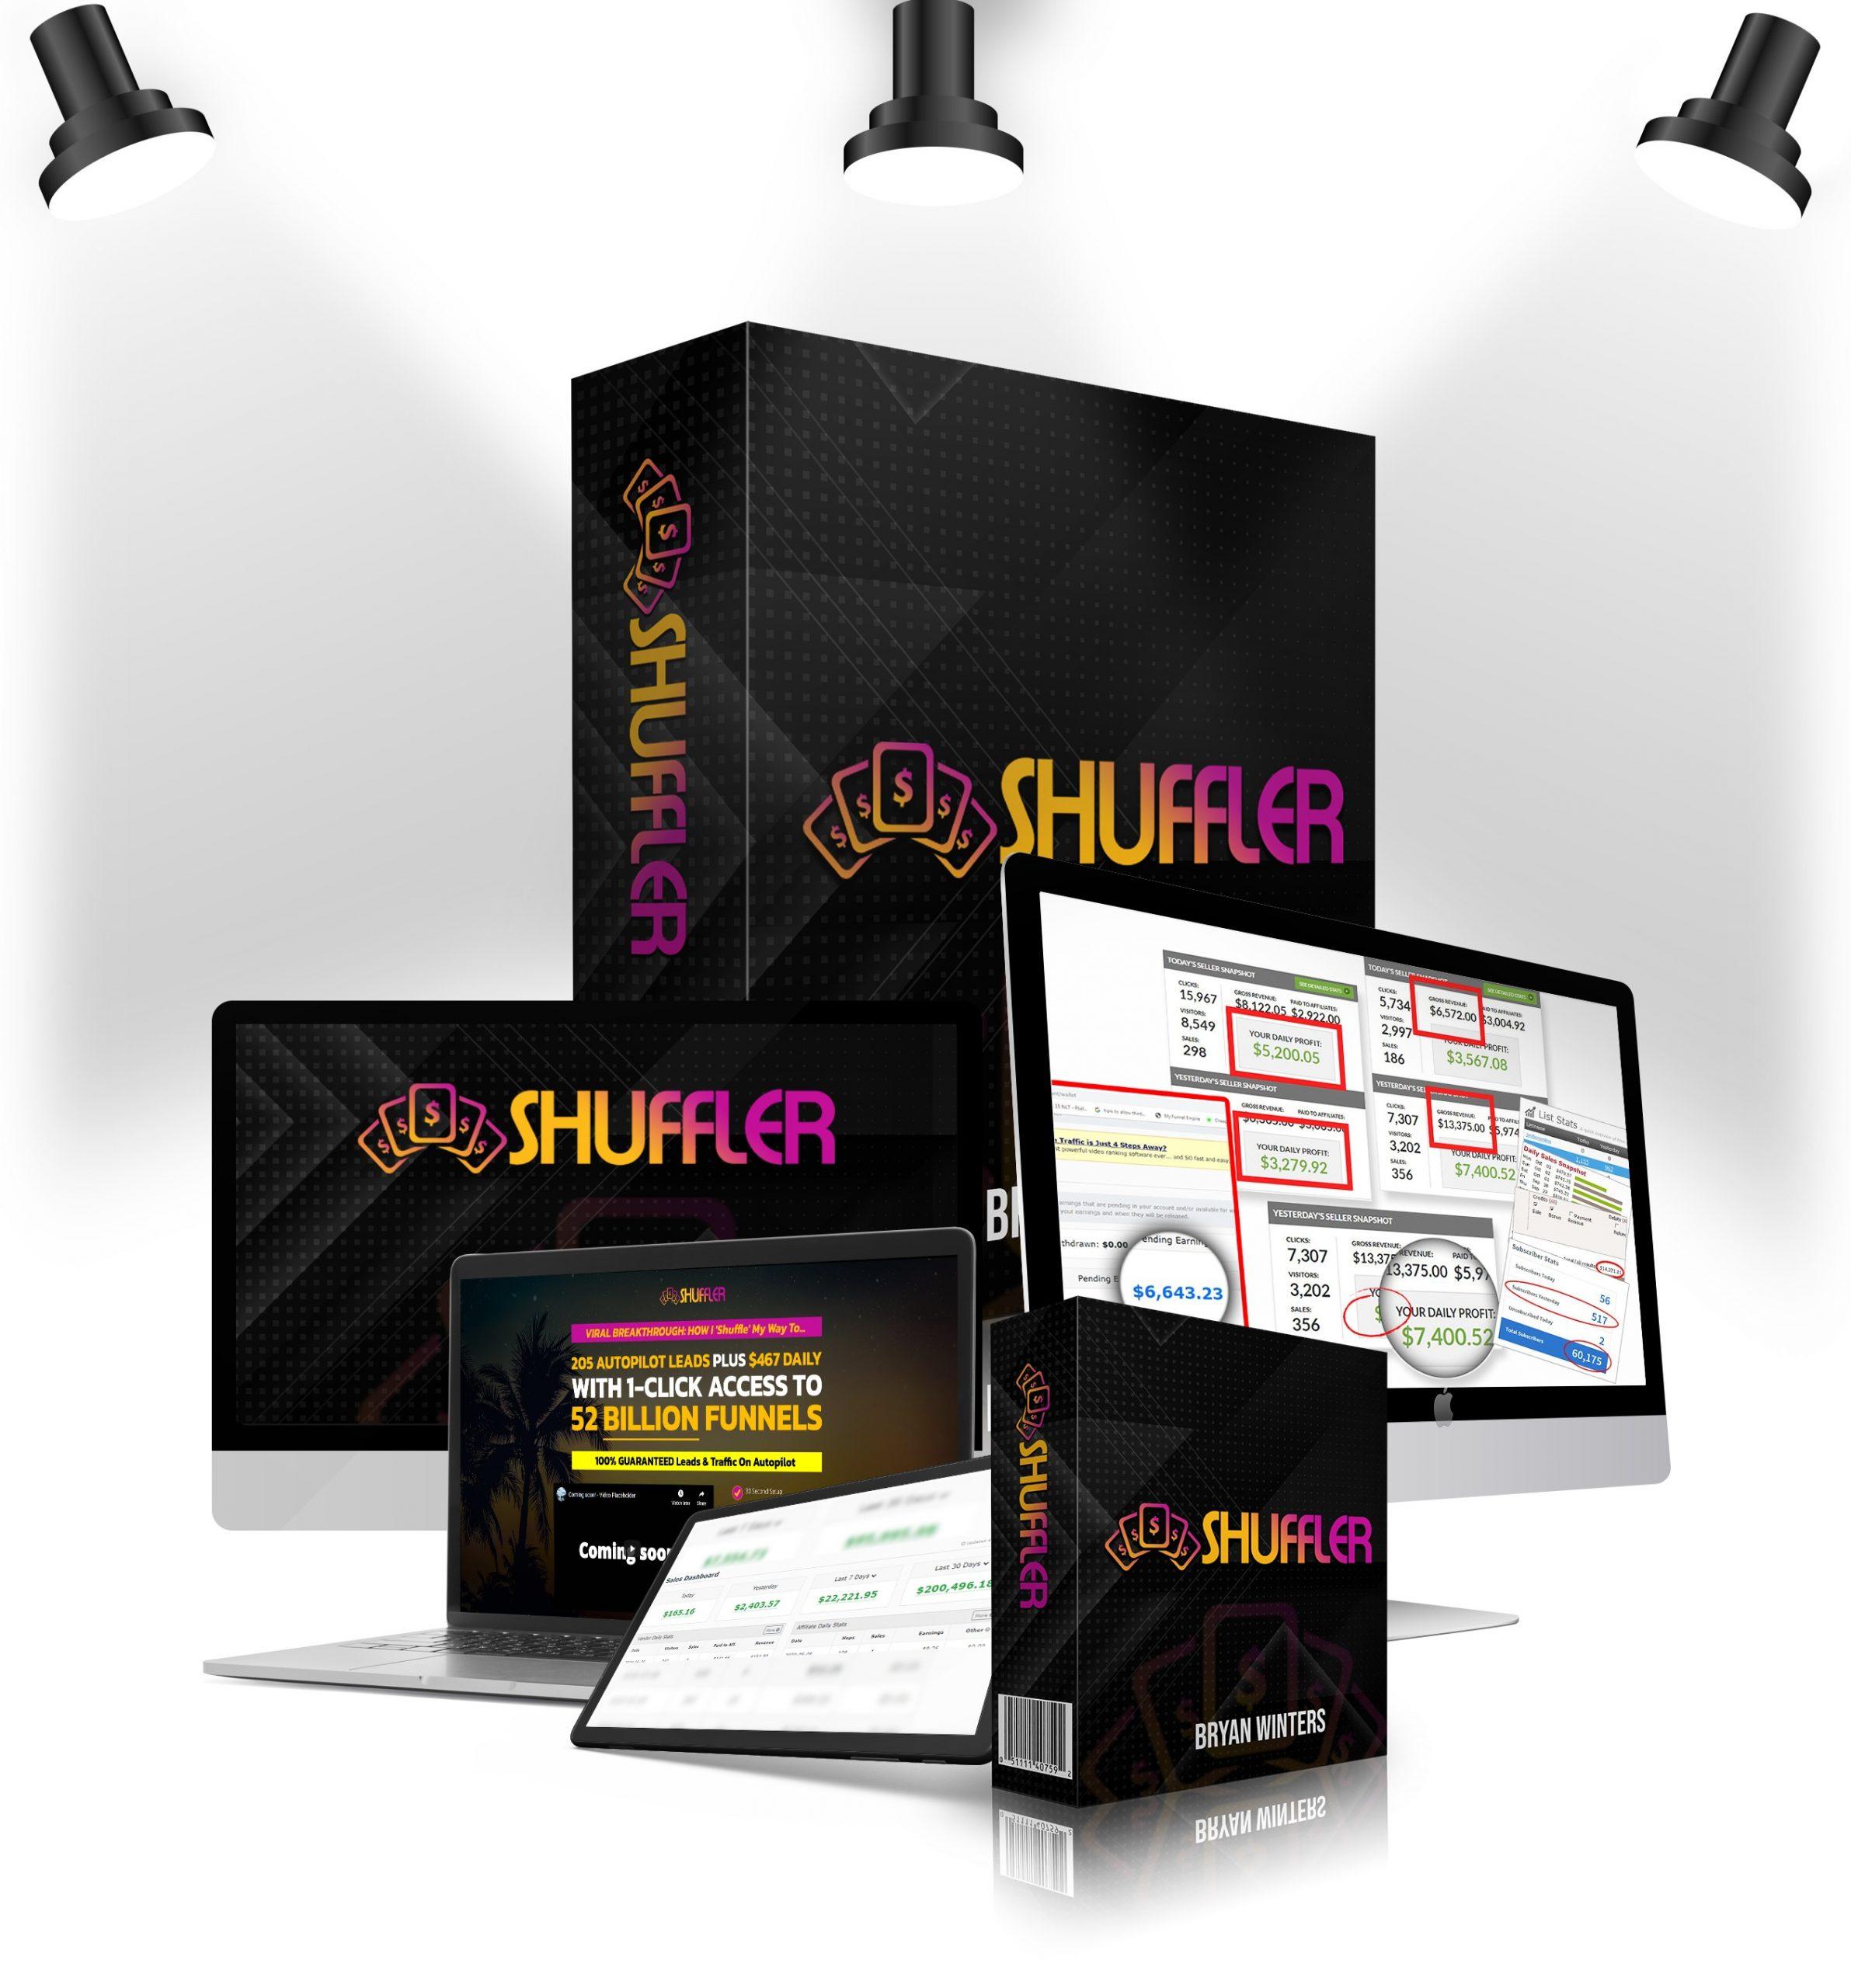 Shuffler-review